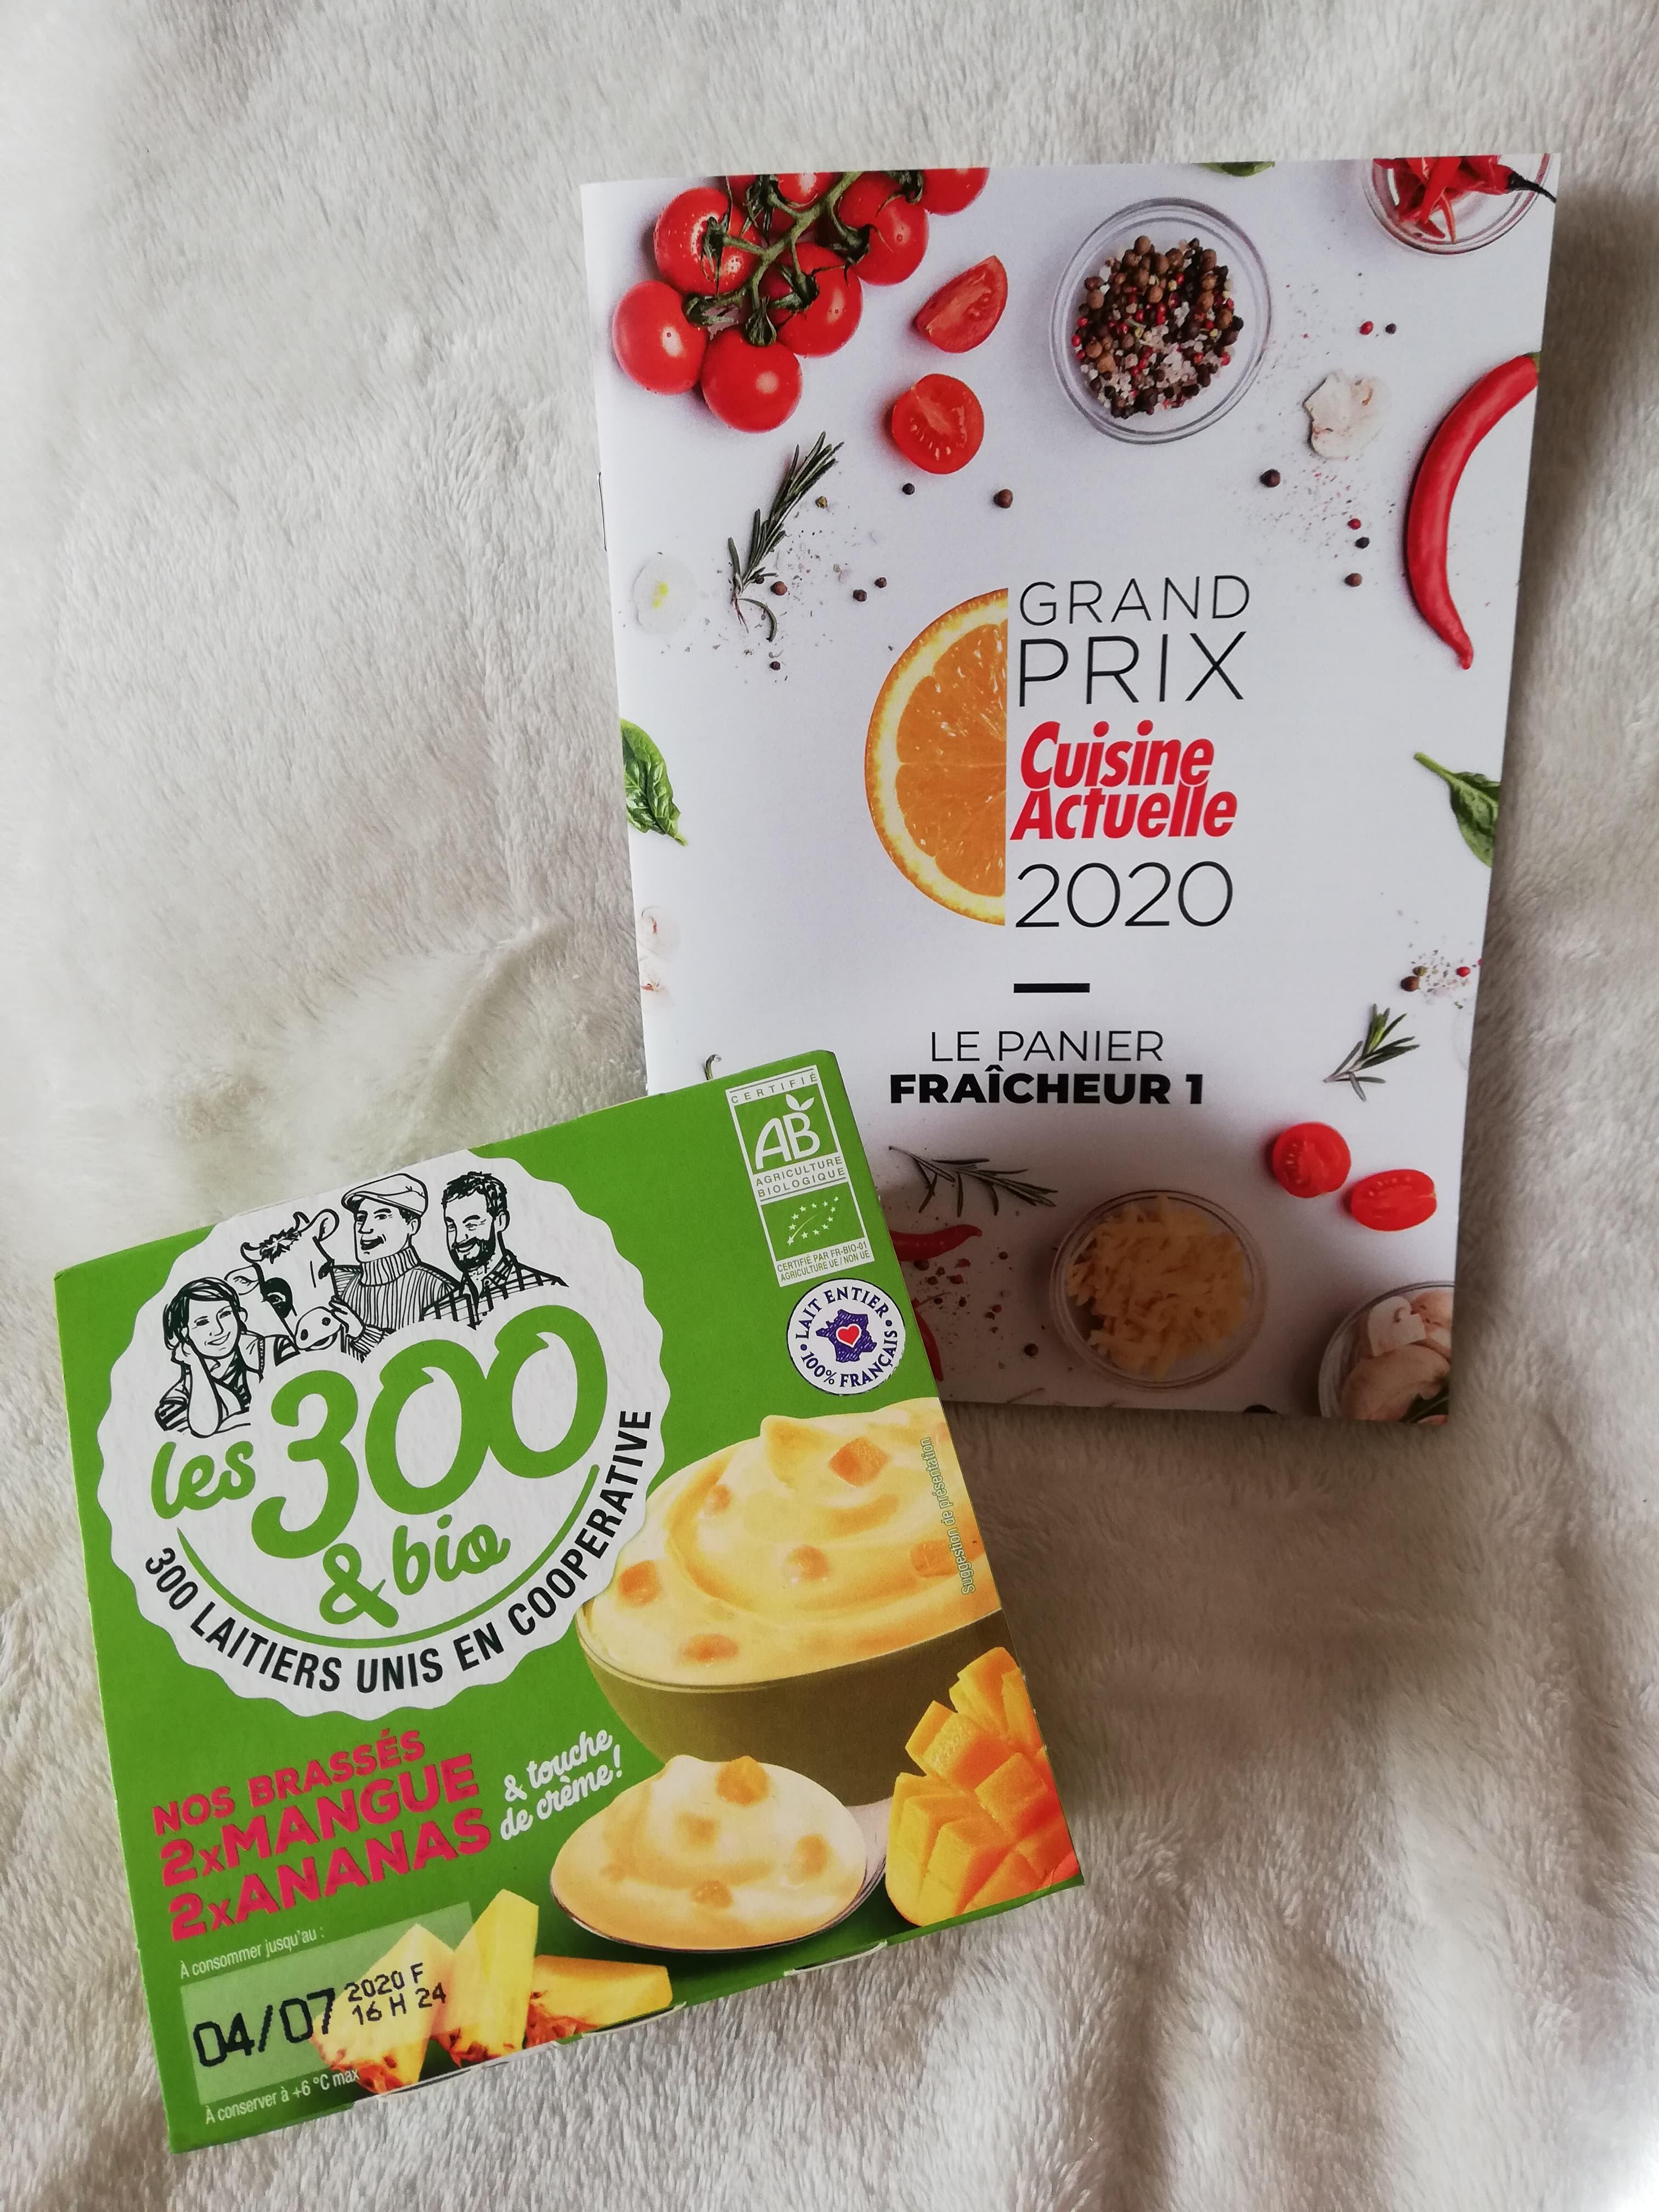 Les 300 & Bio Brassés mangue et ananas (prix moyen conseillé 1,95 €)